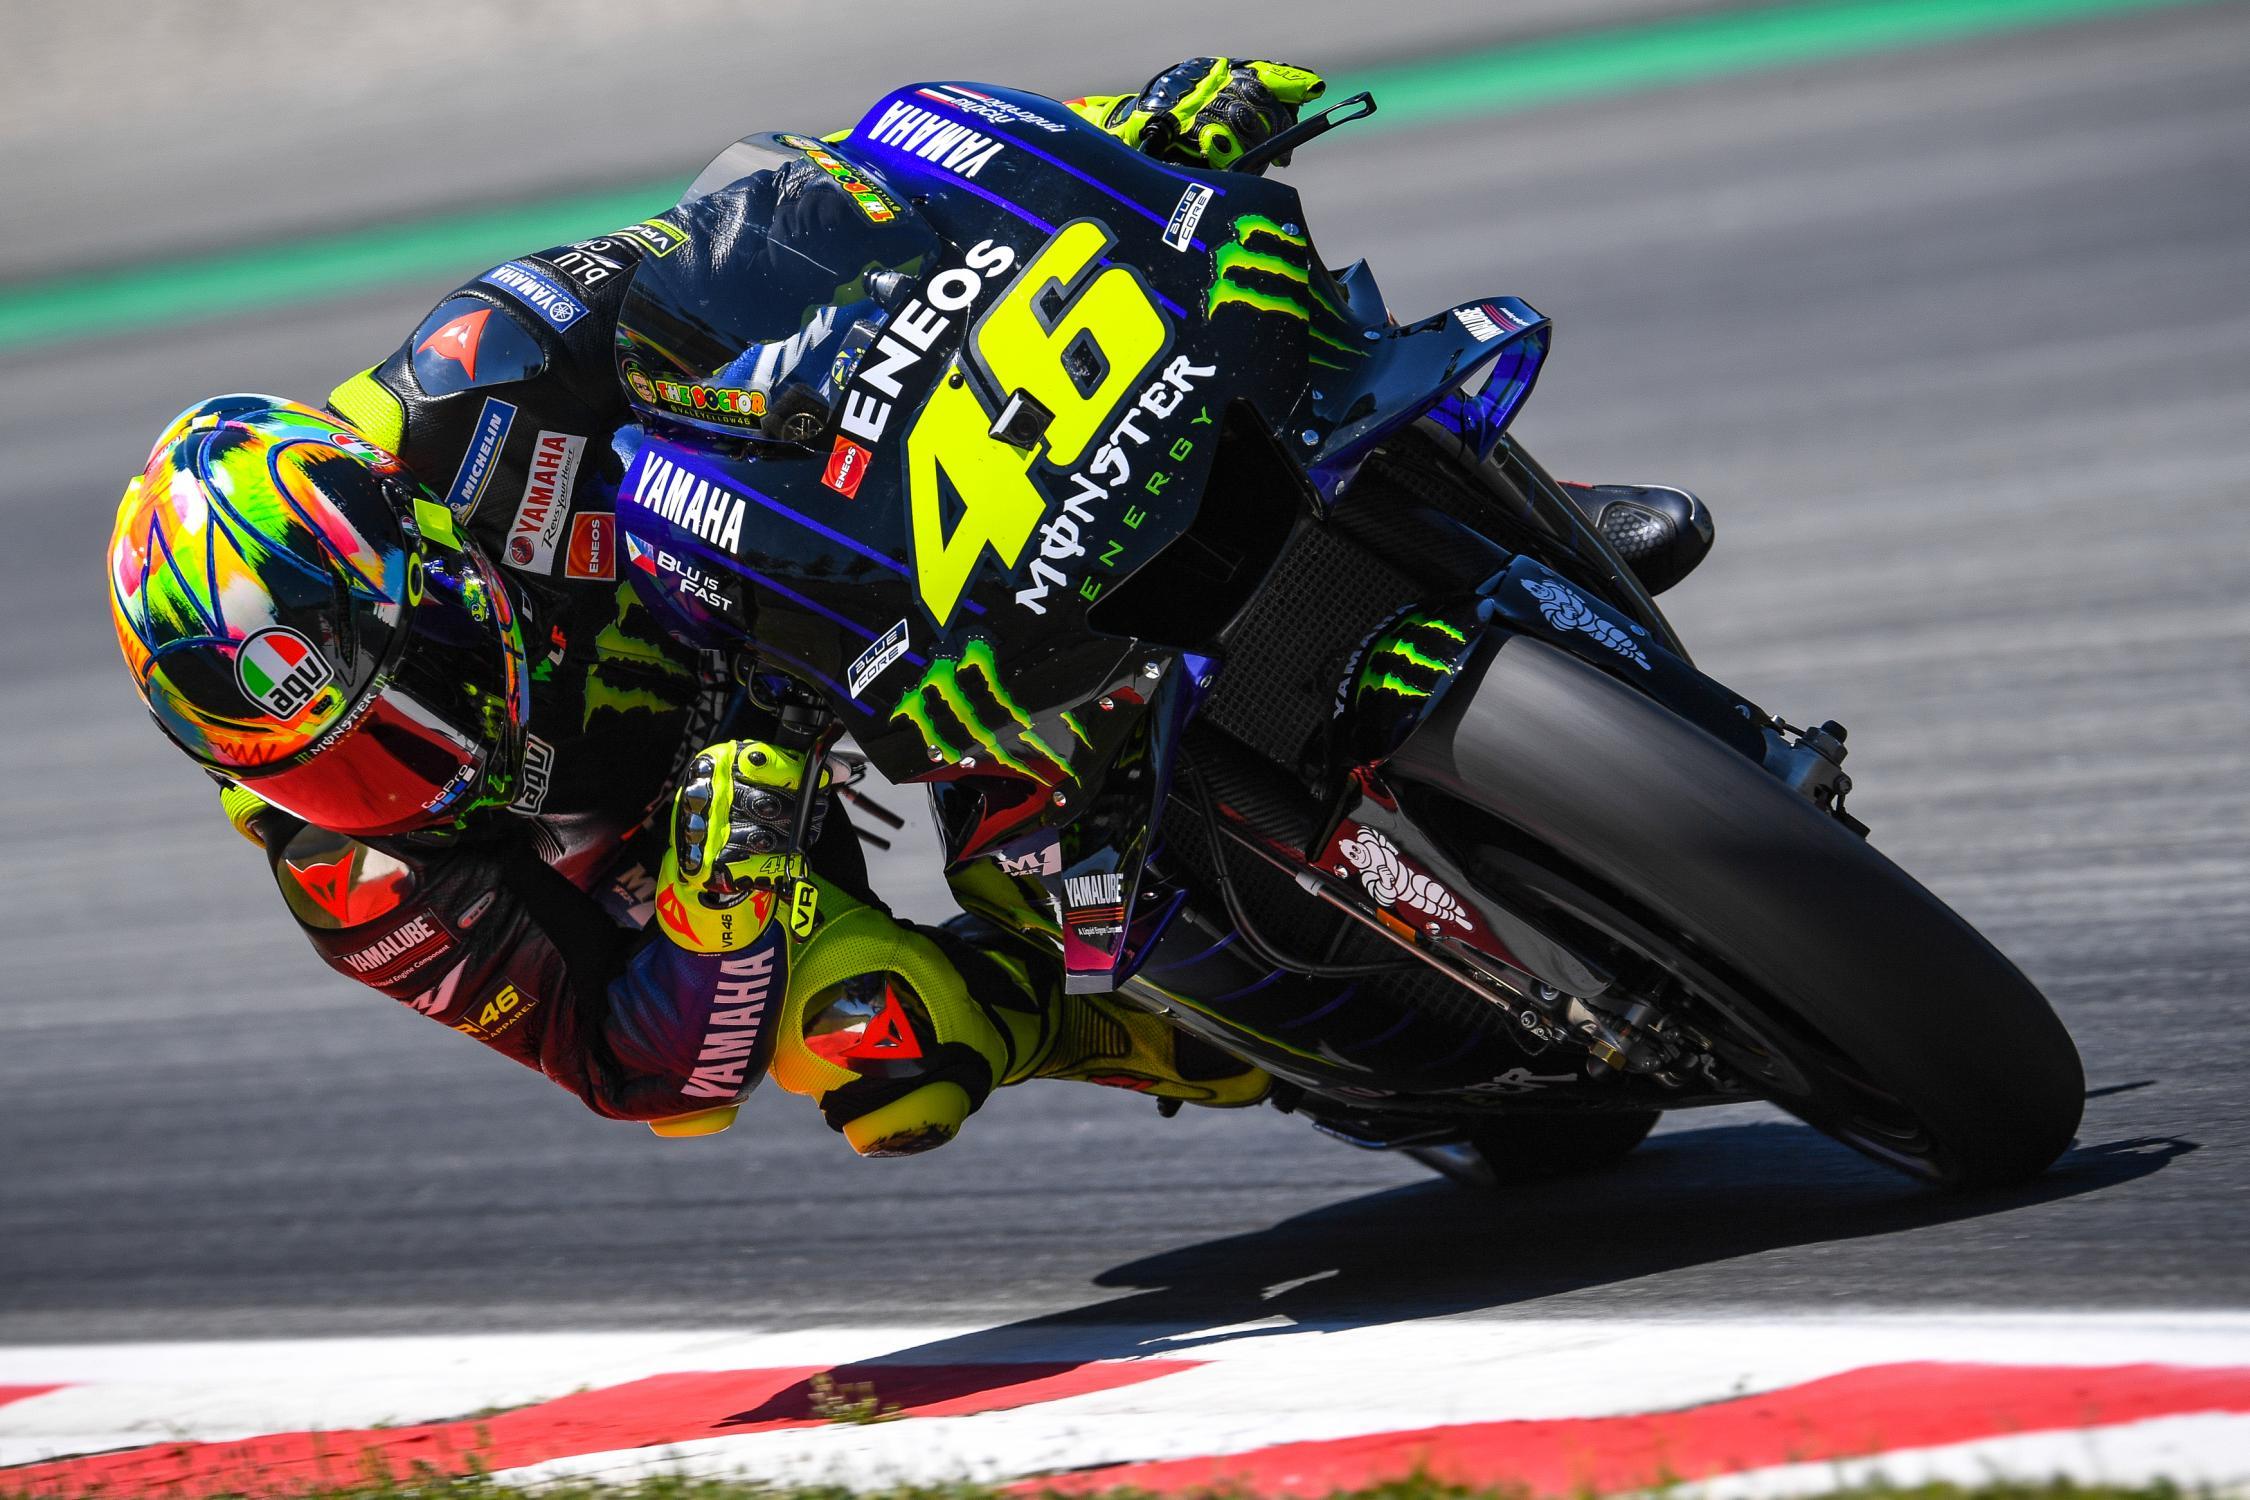 MOTO GP : GRAND PRIX DES PAYS BAS ASSEN DU 28 AU 30 JUIN 2019 Valentino-rossi-barcelone-motogp-test-2019